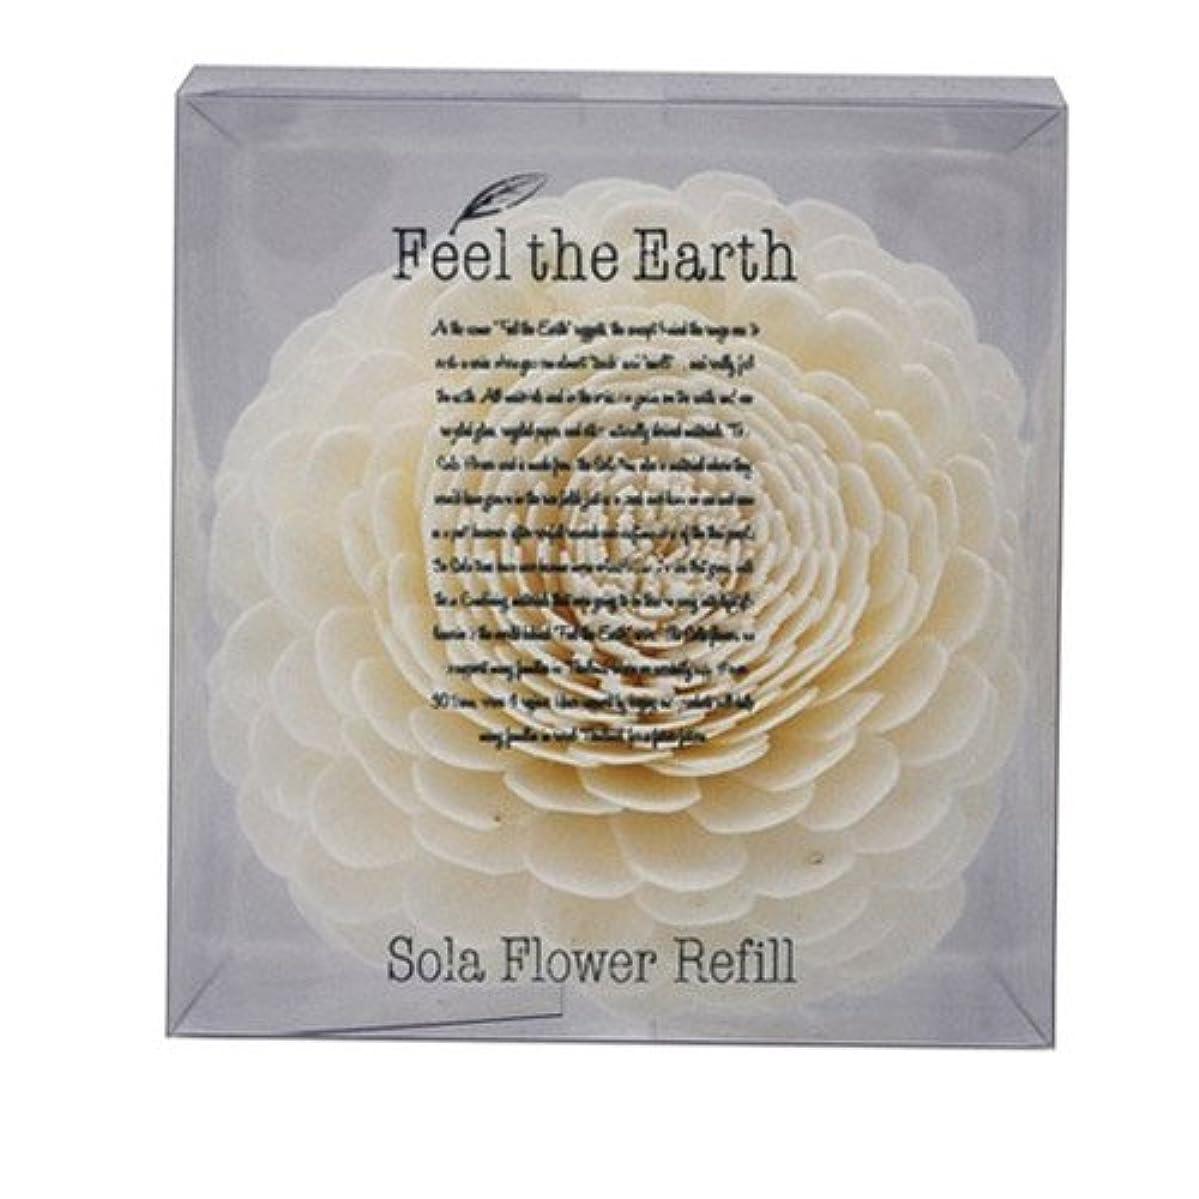 事前に食料品店略語FEEL THE EARTH ソラフラワー リフィル ダリア DAHLIA フィール ジ アース